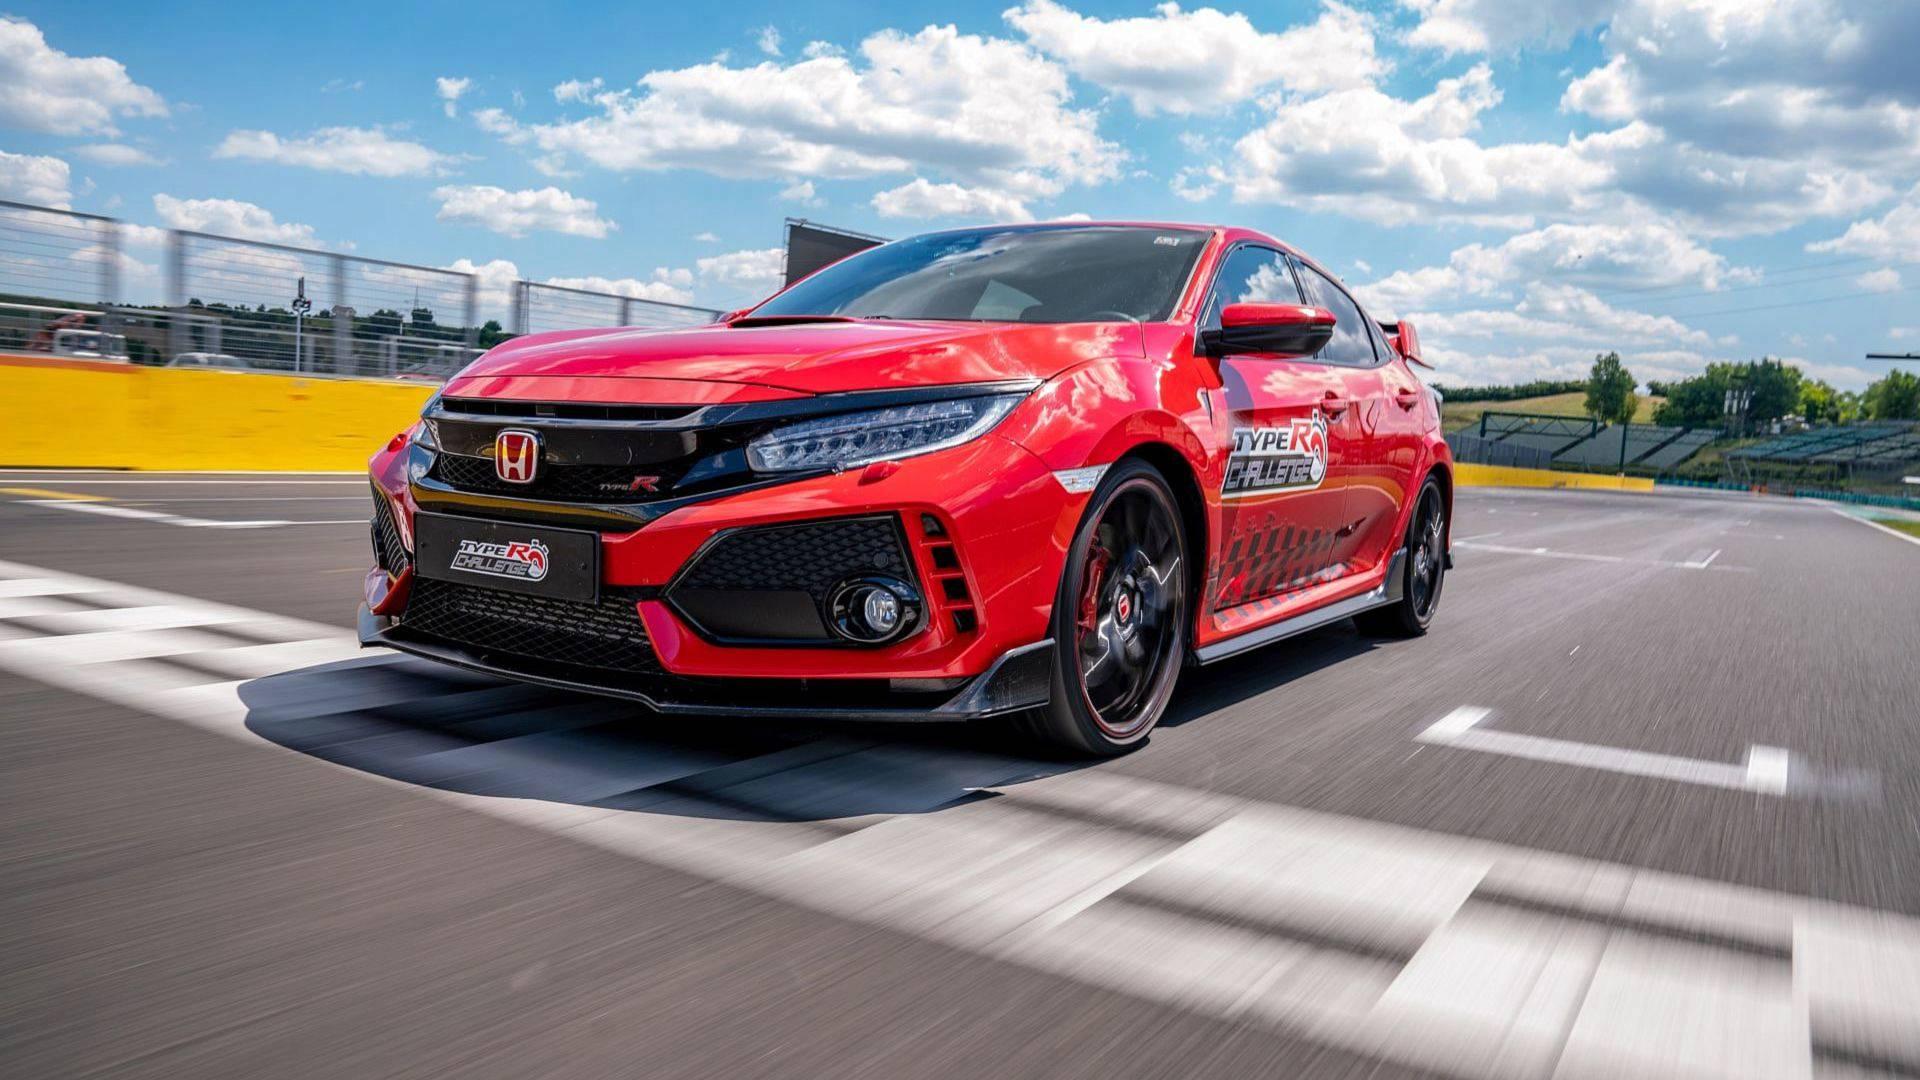 Honda Type R Challenge 2018 Hungaroring (3)